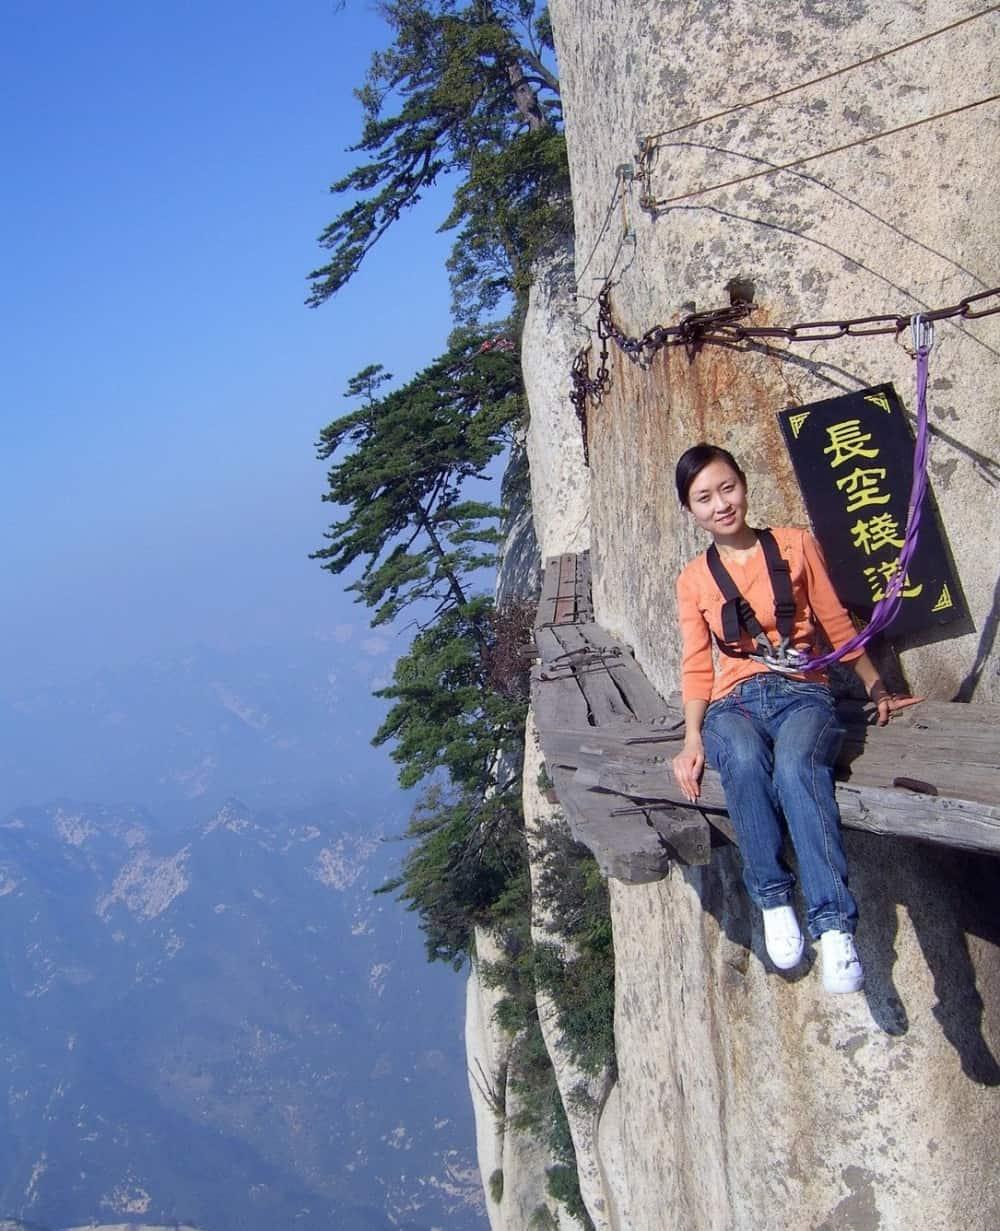 طريق الموت على ارتفاع 2130 مترا عن سطح البحر في الصين